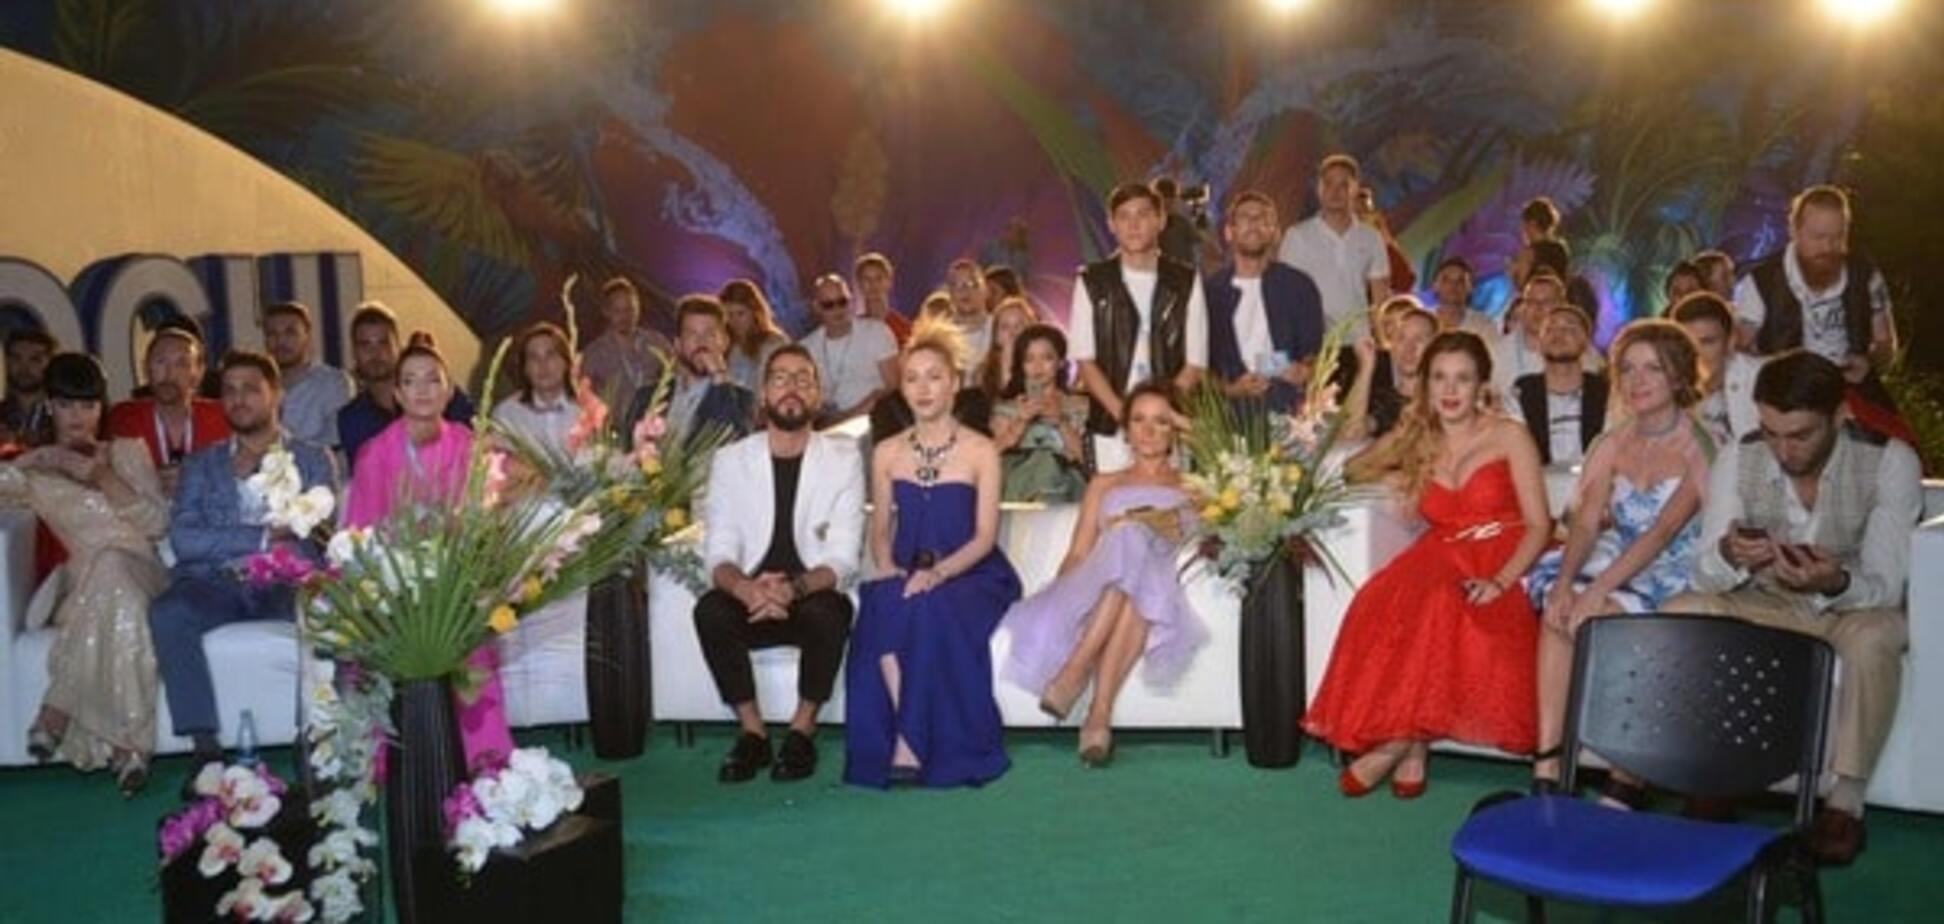 Украина победила на 'Новой волне 2016' в первый конкурсный день: опубликованы видео